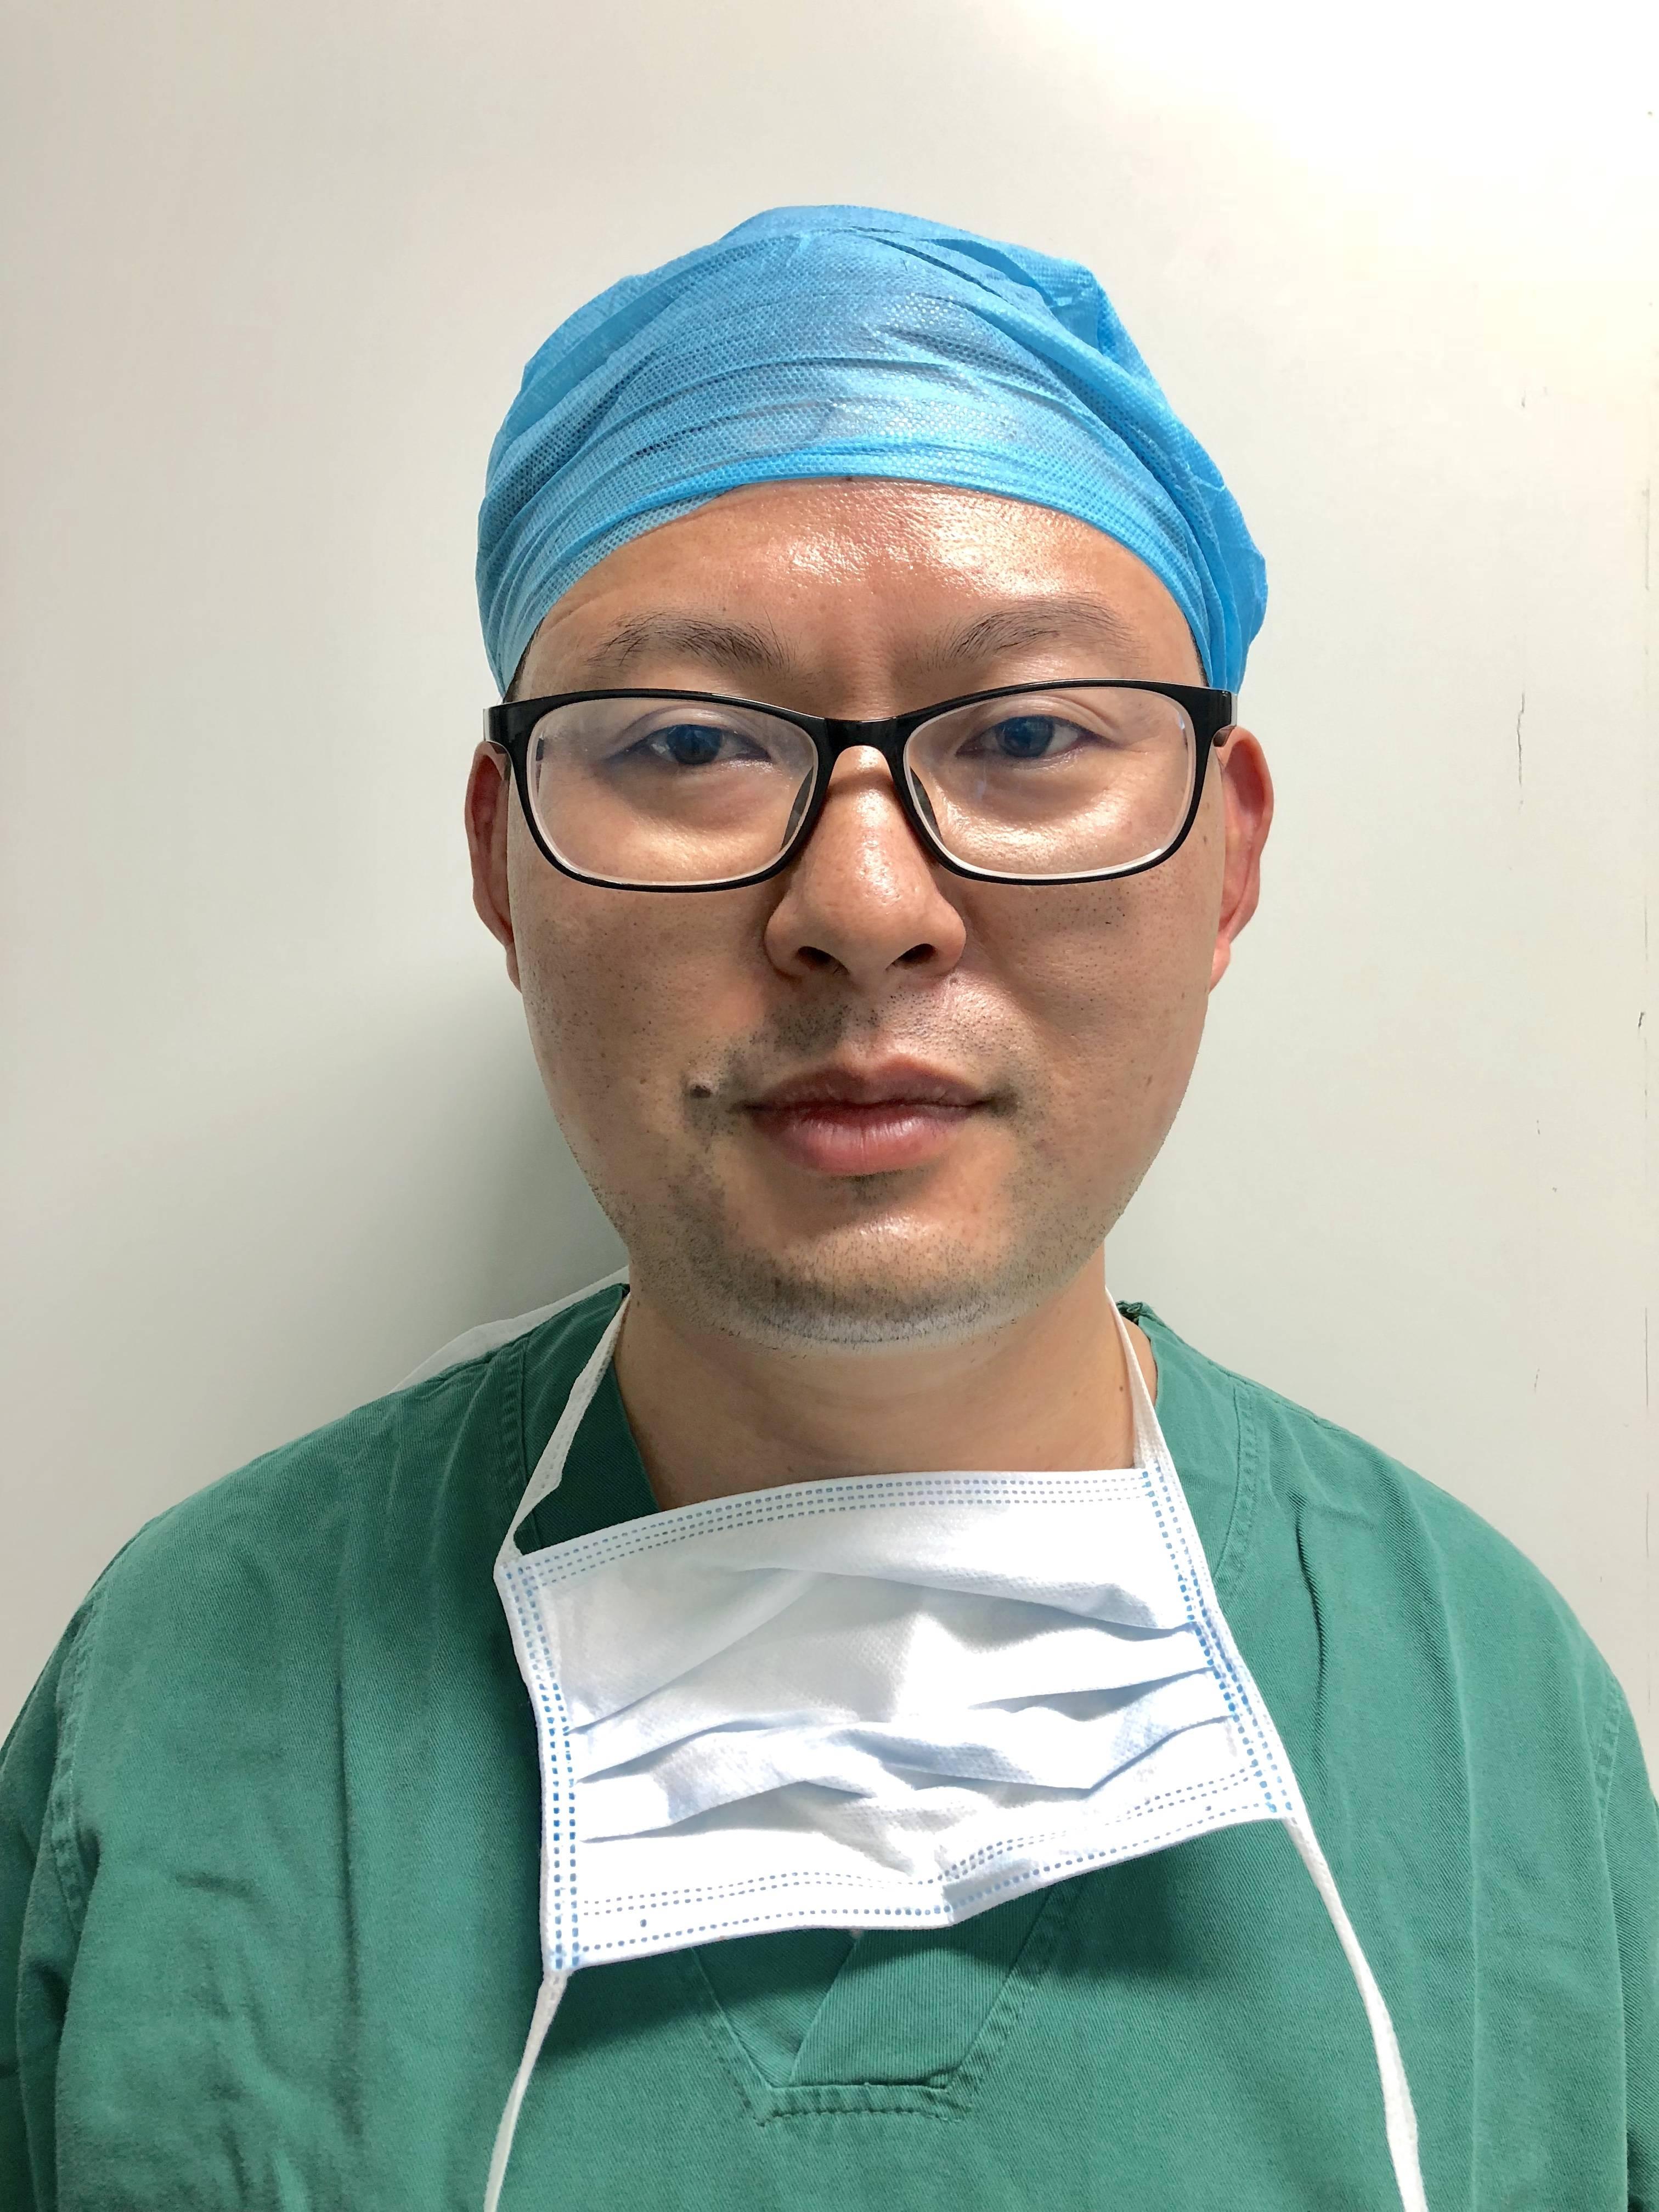 上海南山医院季锦付院长—2.0